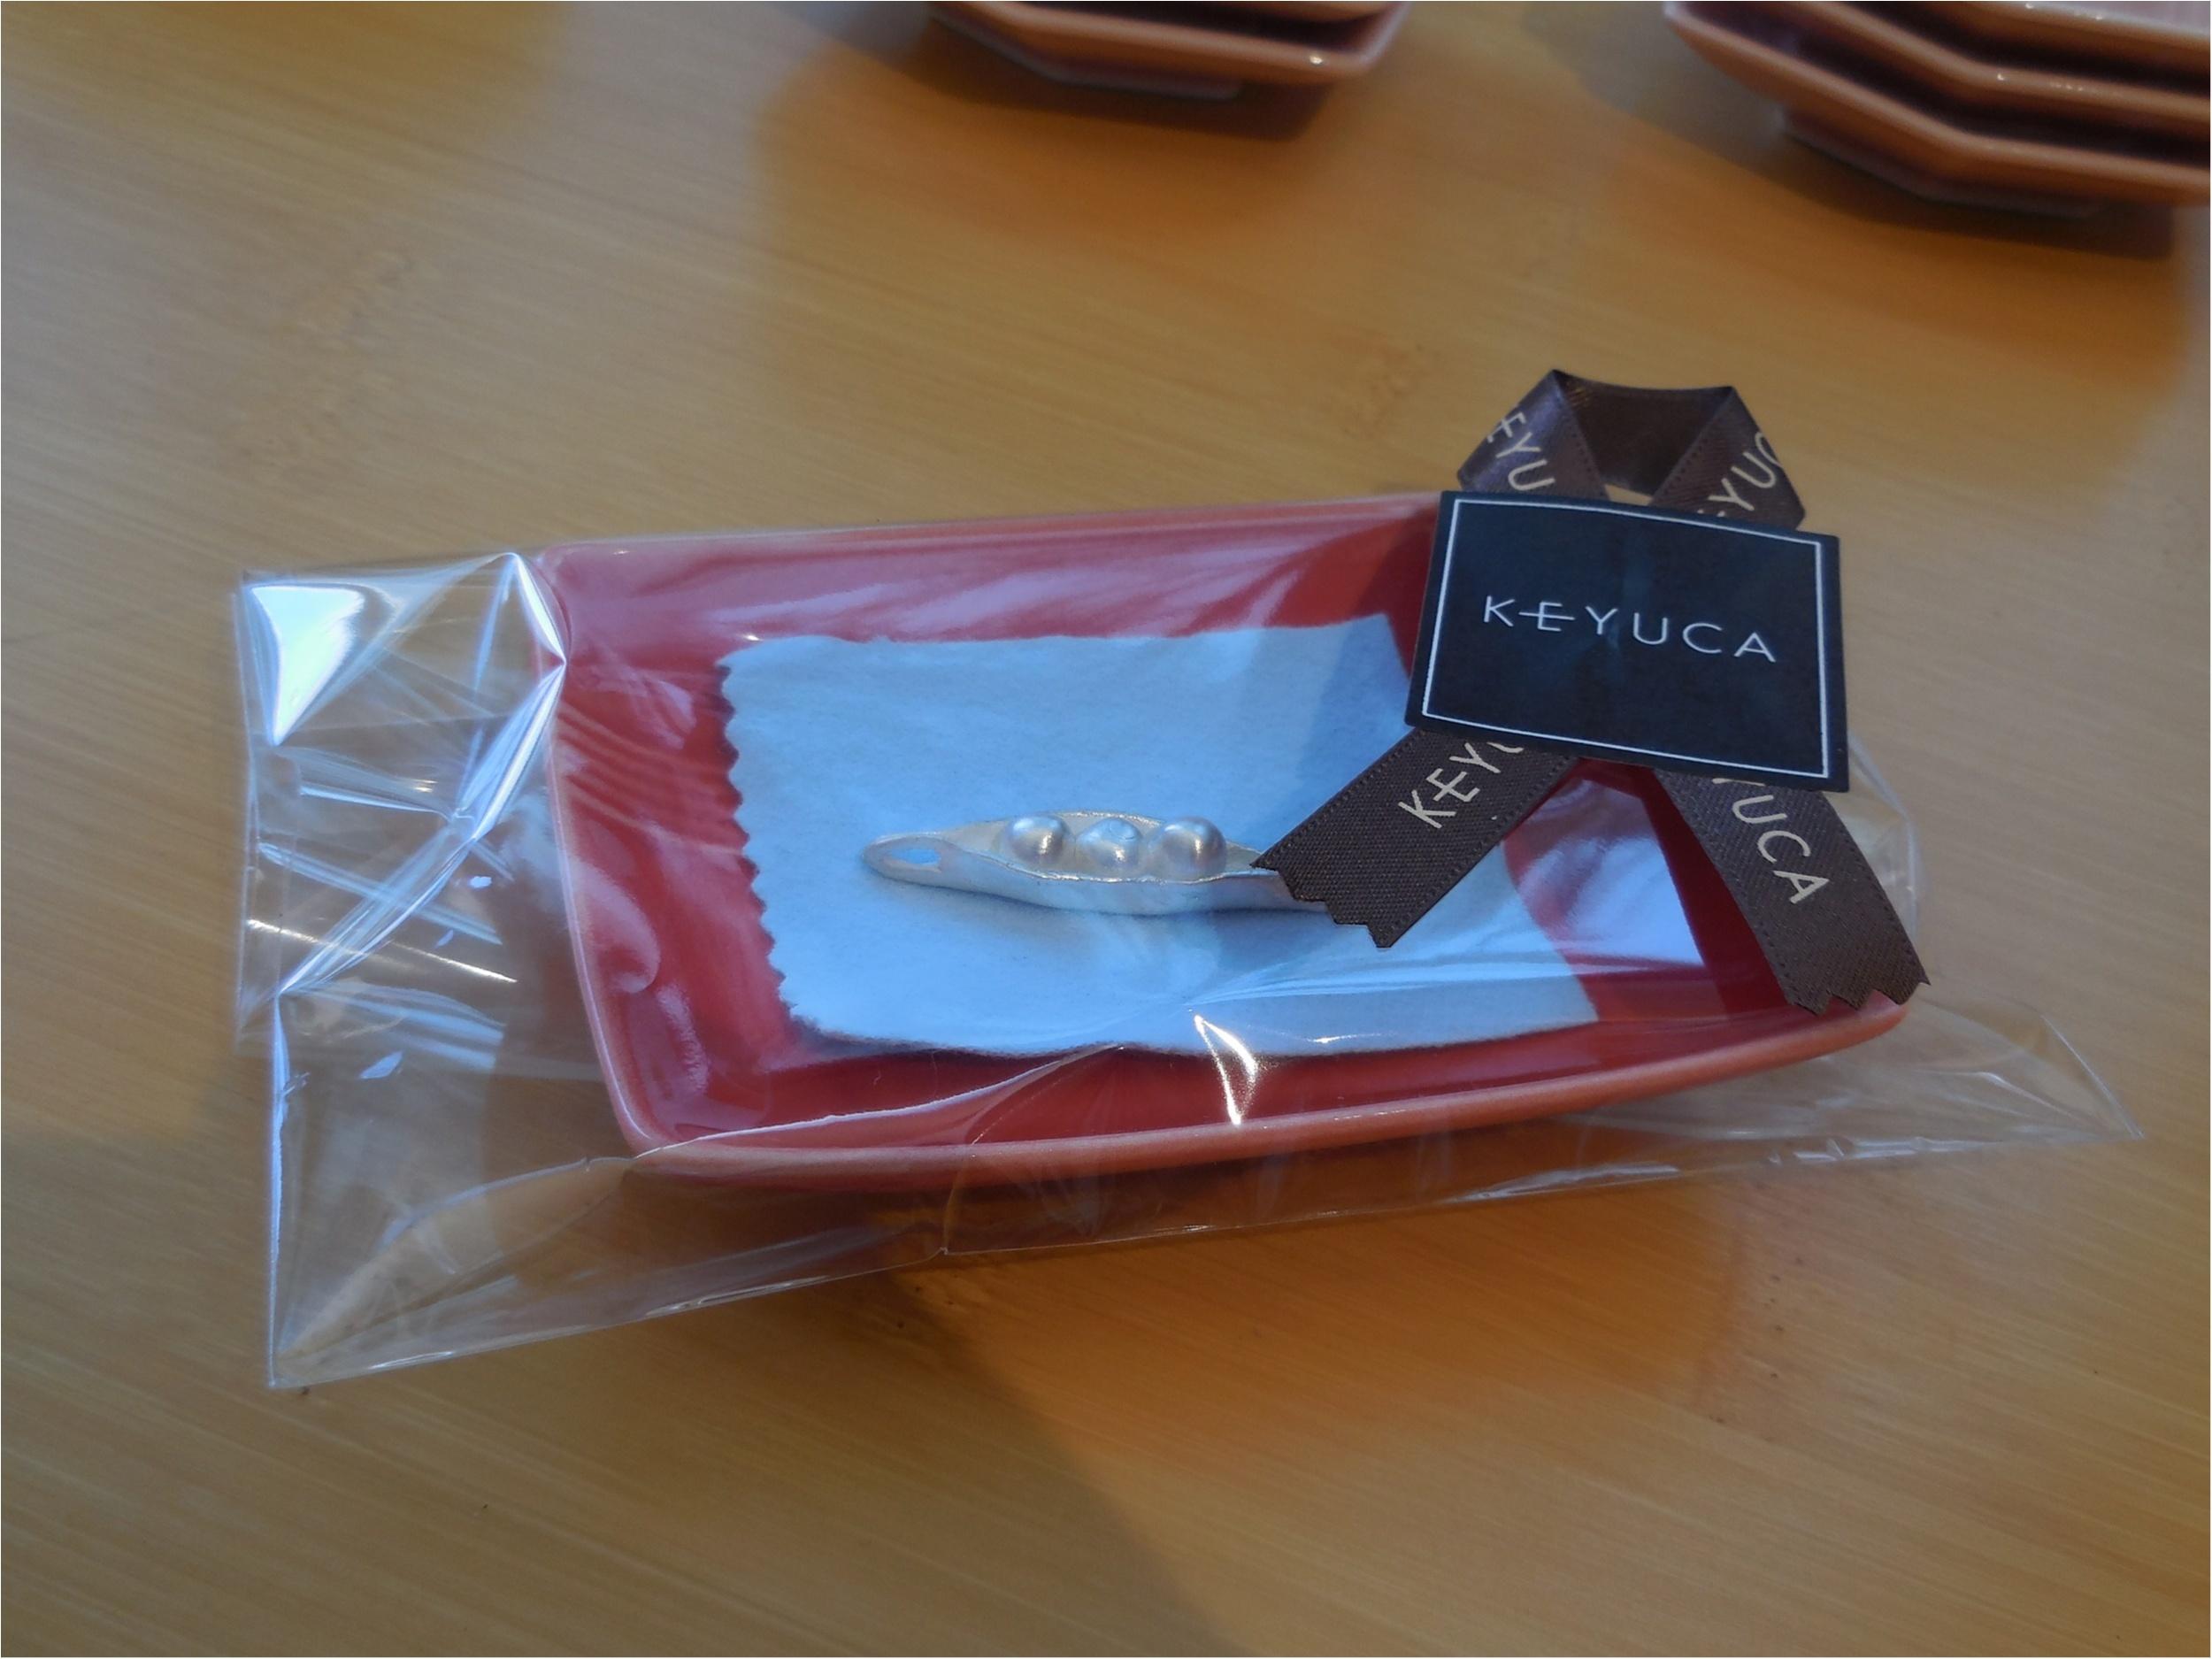 【ケユカ】純銀粘土で作るペンダントワークショップに参加してきました。_12